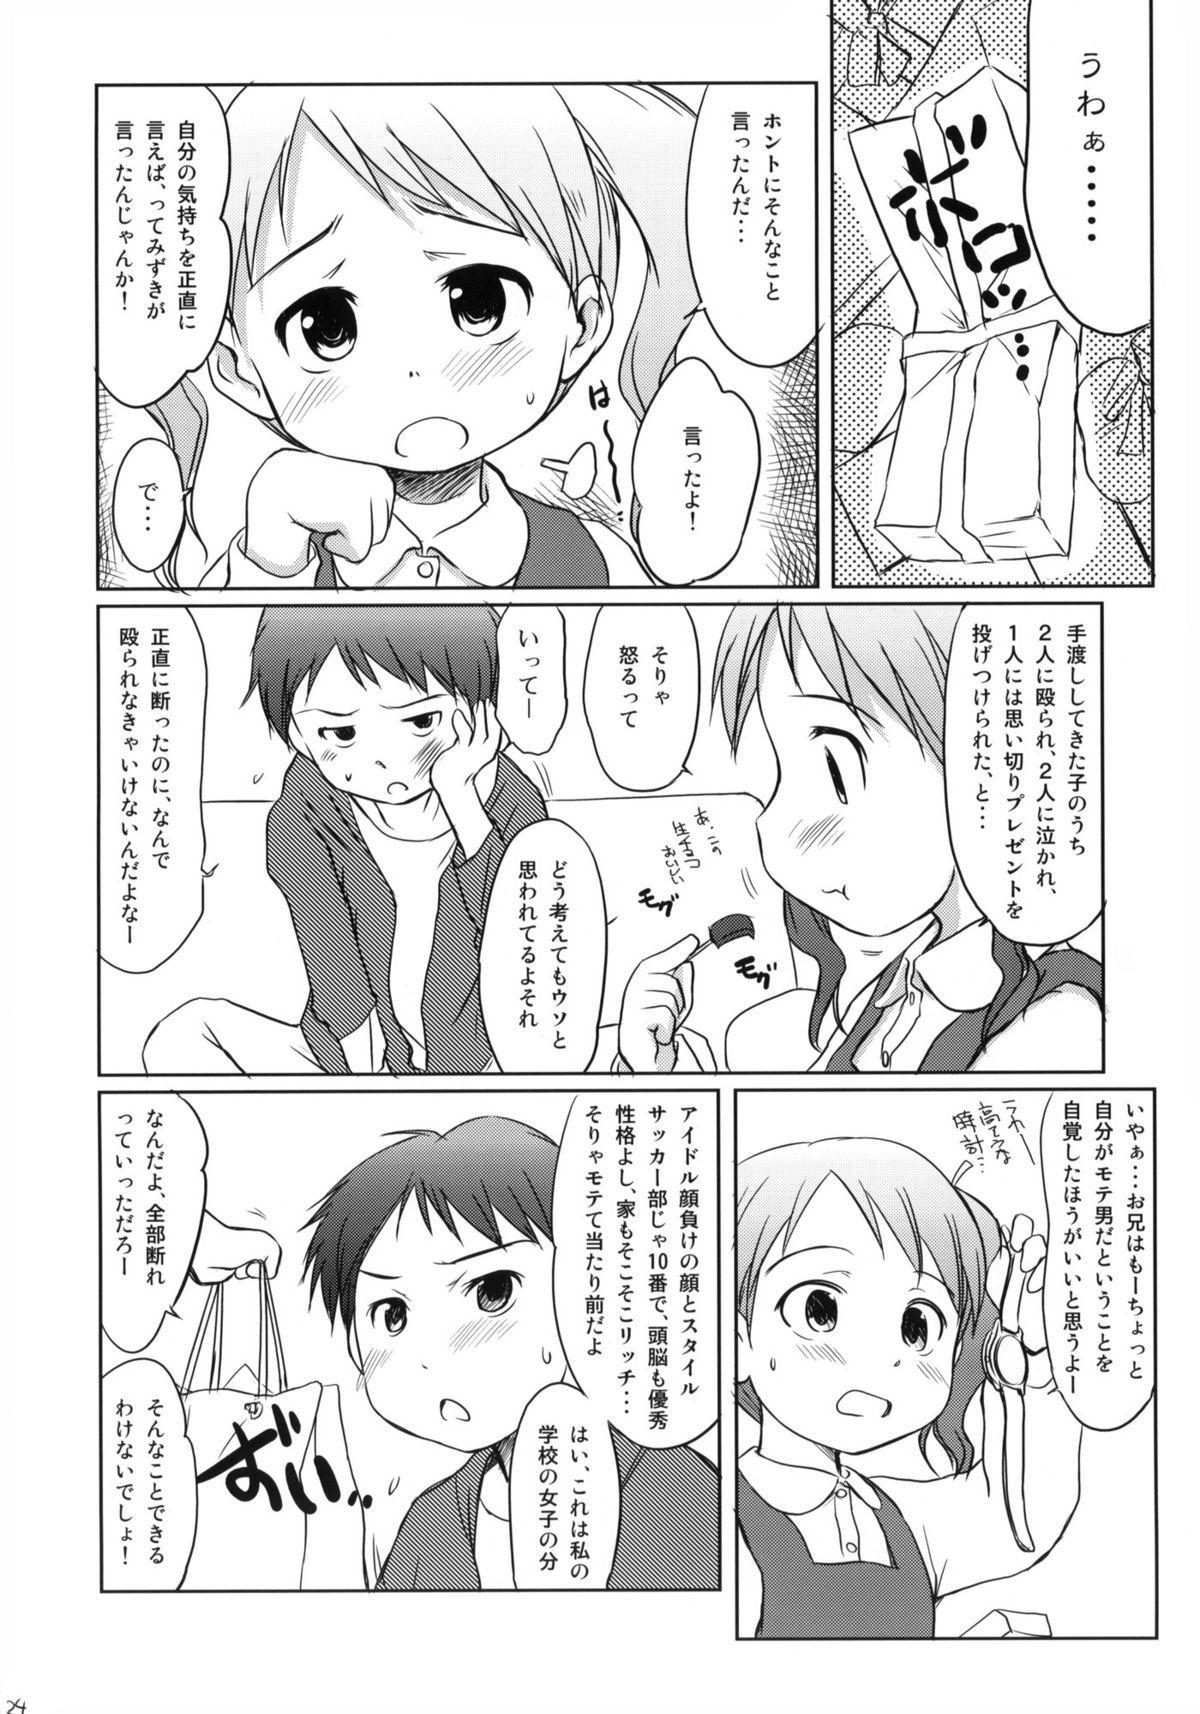 Imouto wa Minna Onii-chan ga Suki! 21